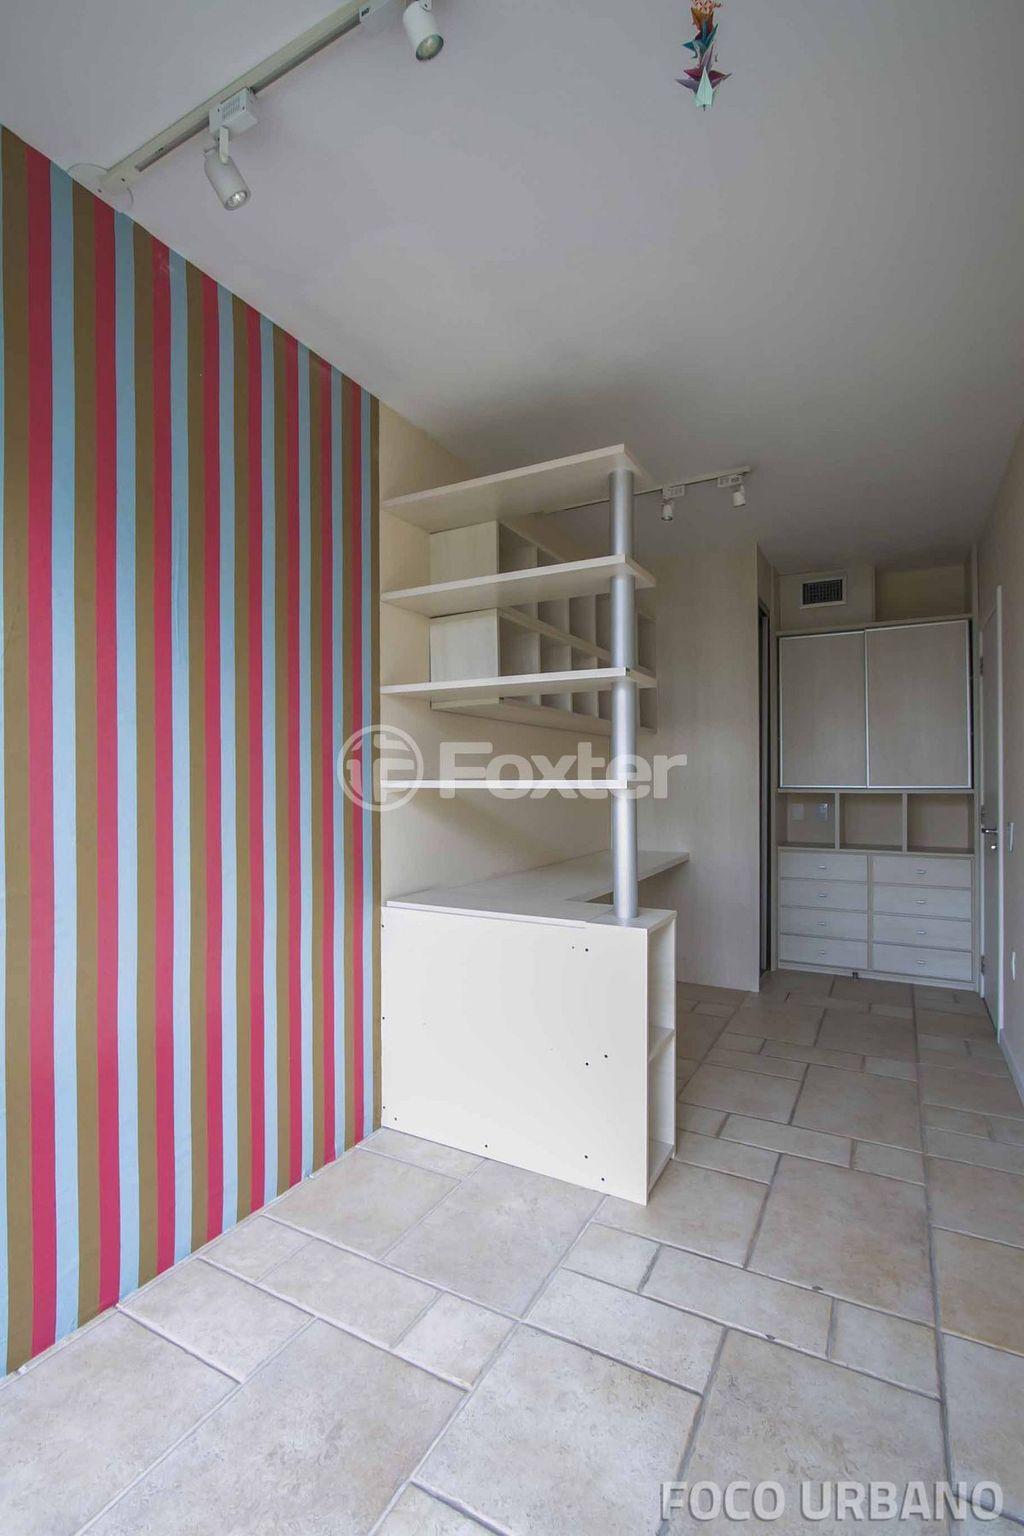 Apto 3 Dorm, Rio Branco, Porto Alegre (126385) - Foto 24